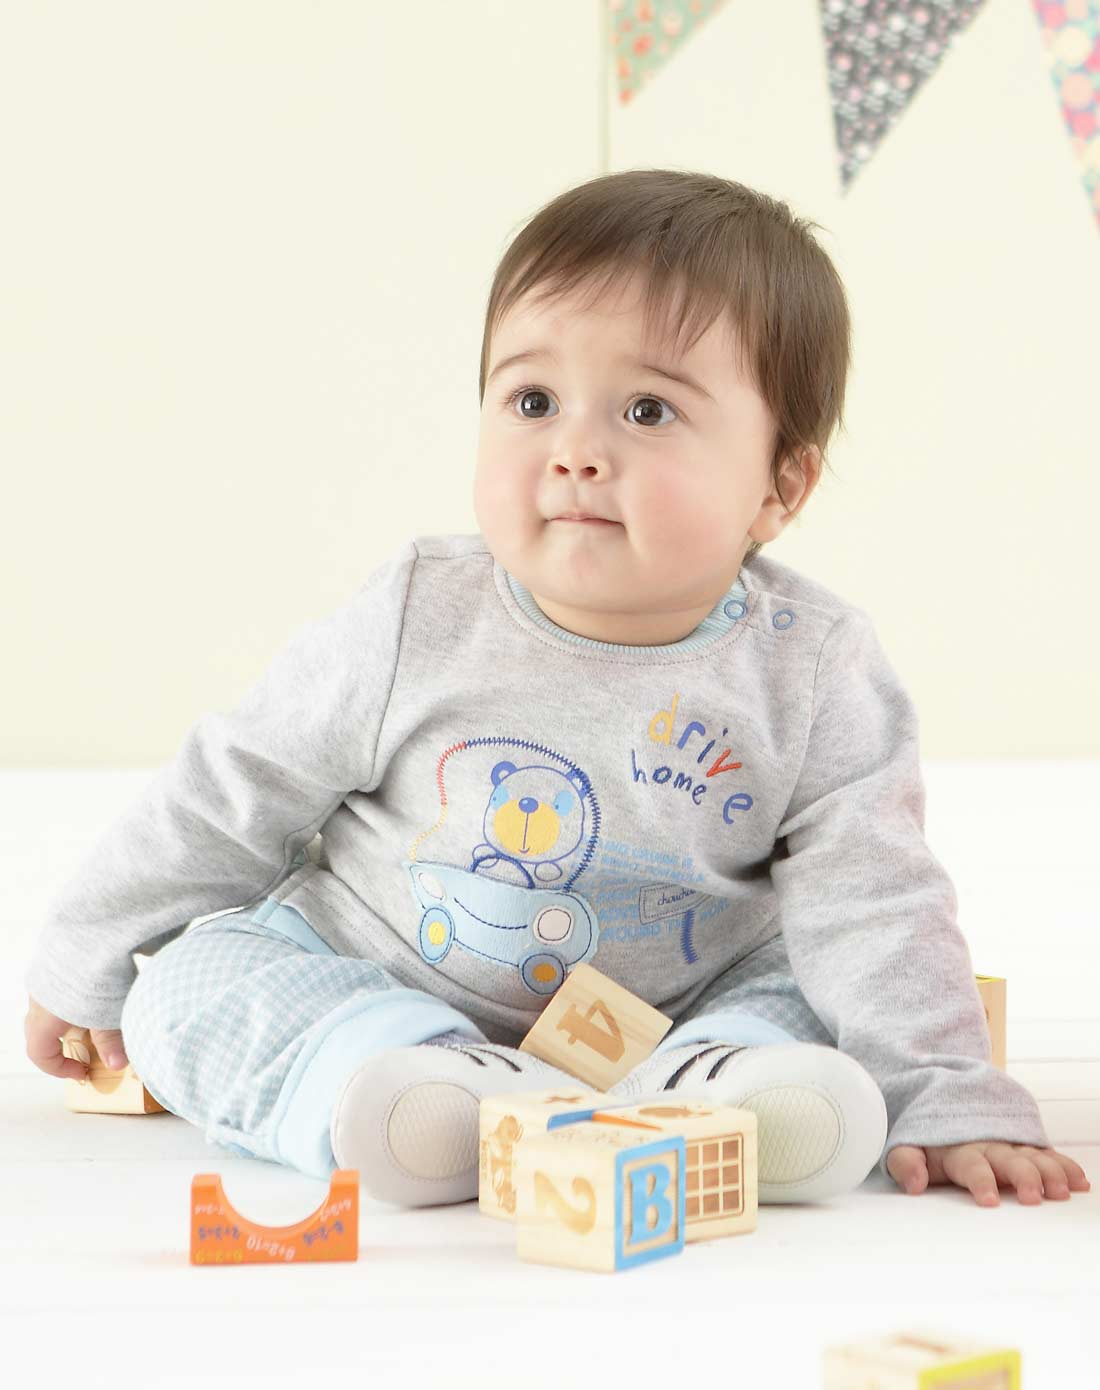 宝宝 壁纸 儿童 孩子 小孩 婴儿 1100_1390 竖版 竖屏 手机